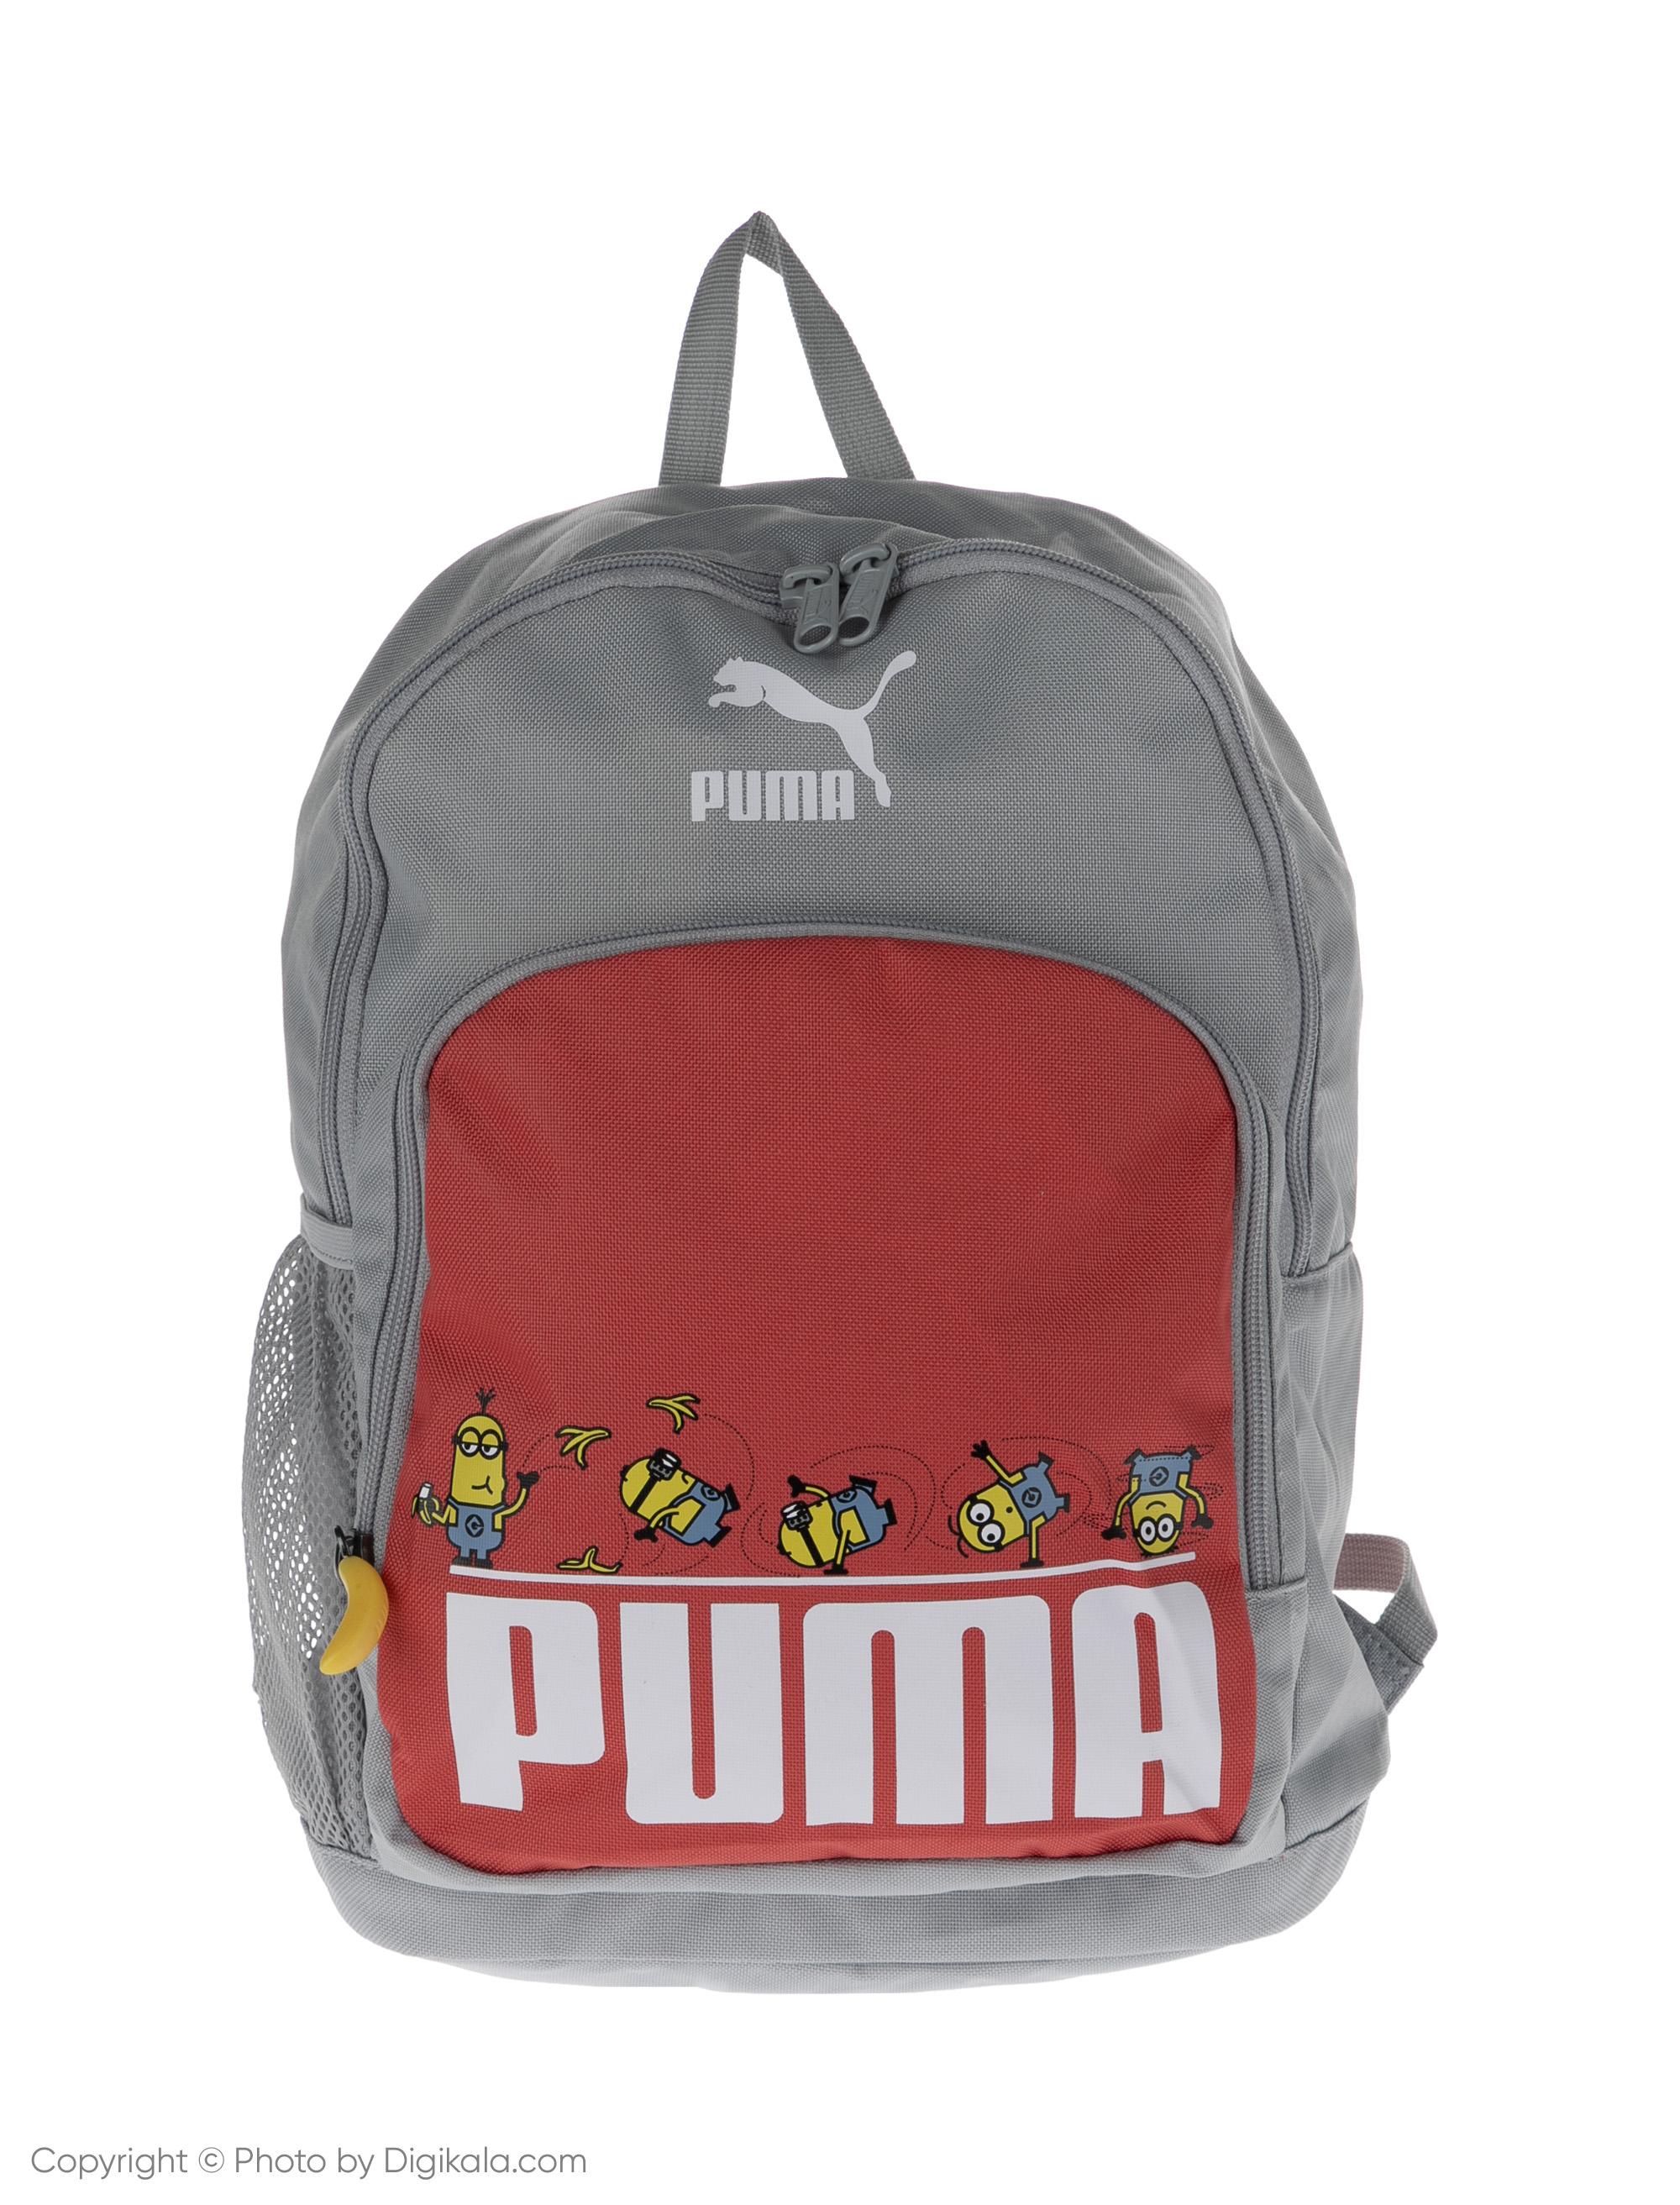 کوله پشتی پوما مدل  Minions کد 075041-02